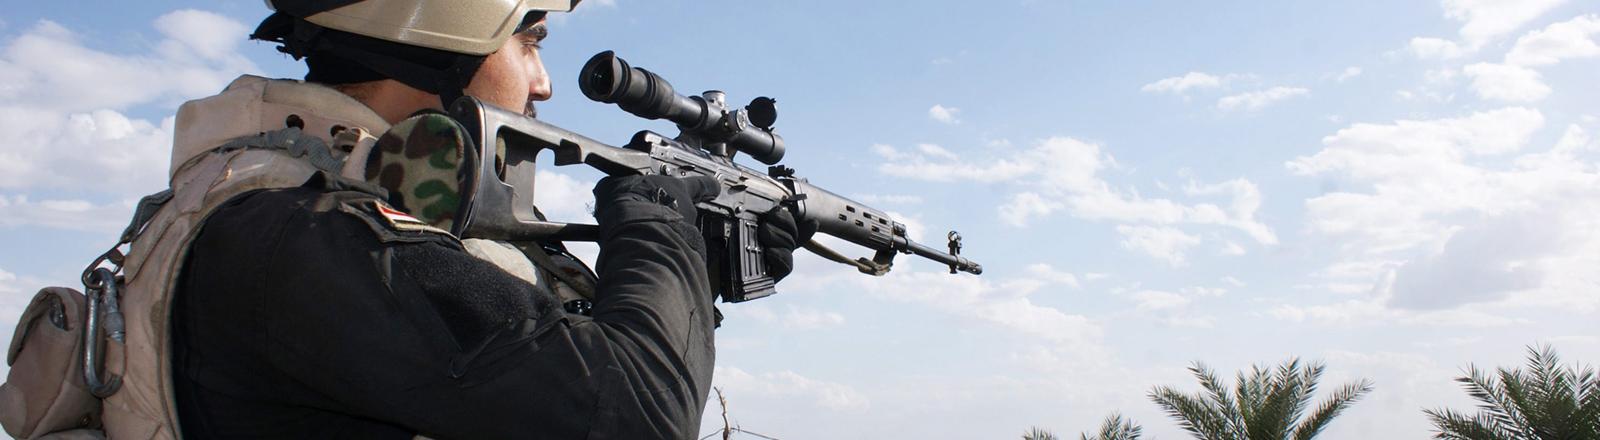 Soldat zielt mit einem Scharfschützengewehr.